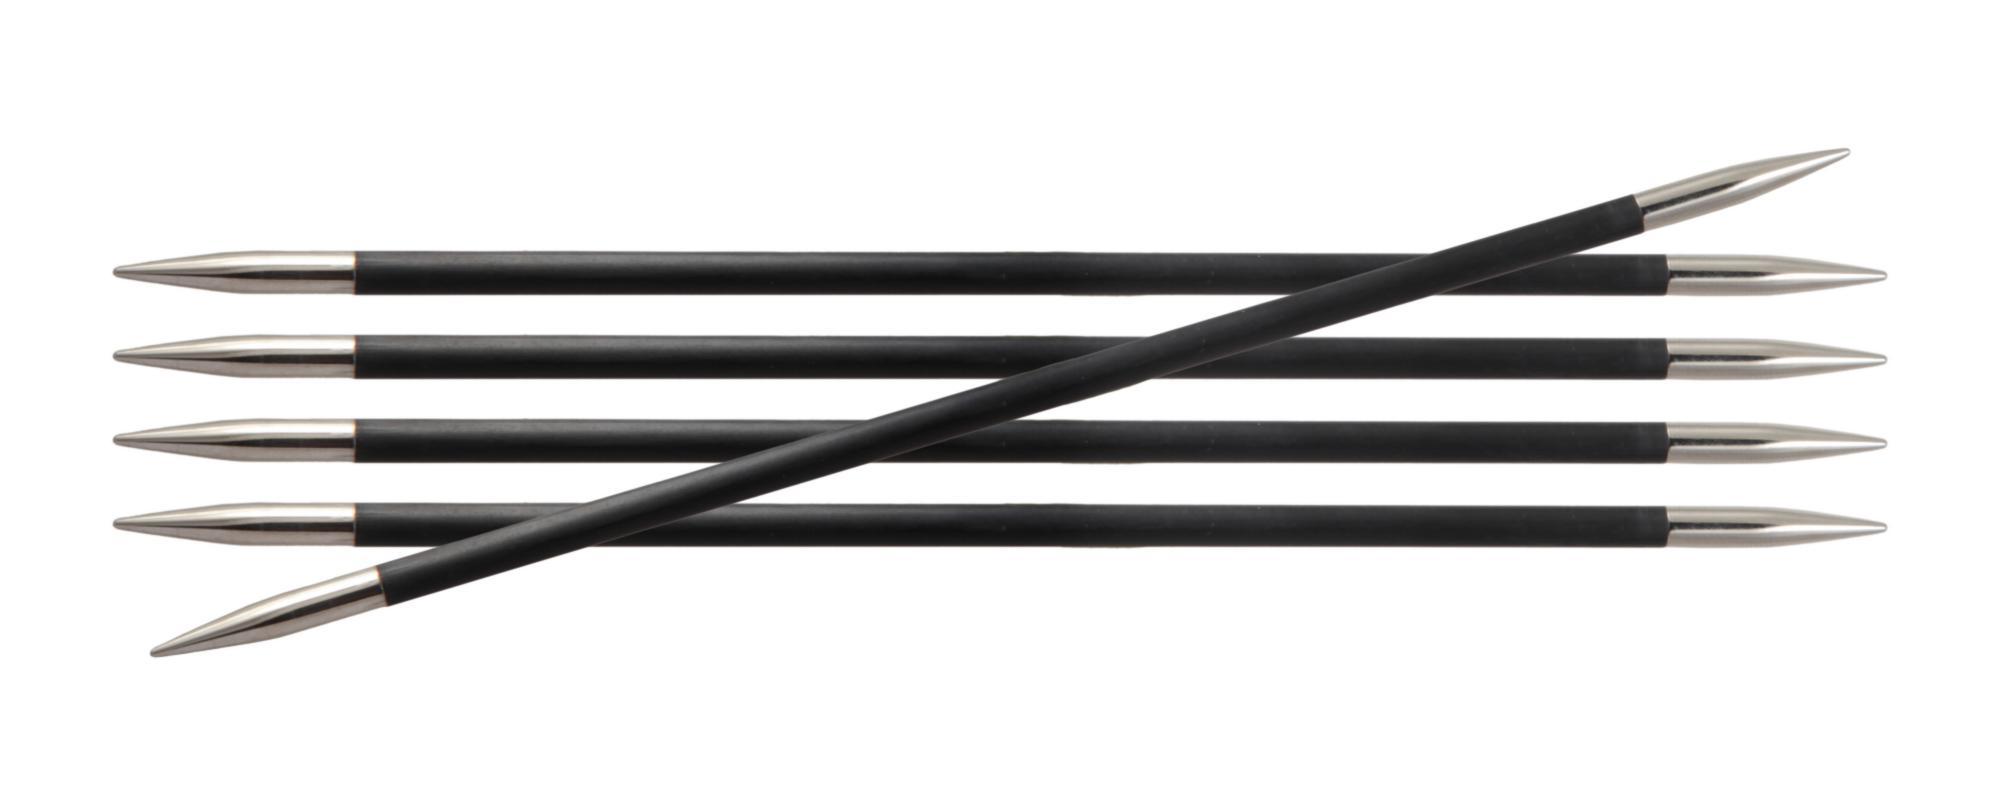 Спицы носочные 15 см Karbonz KnitPro, 41108, 2.75 мм